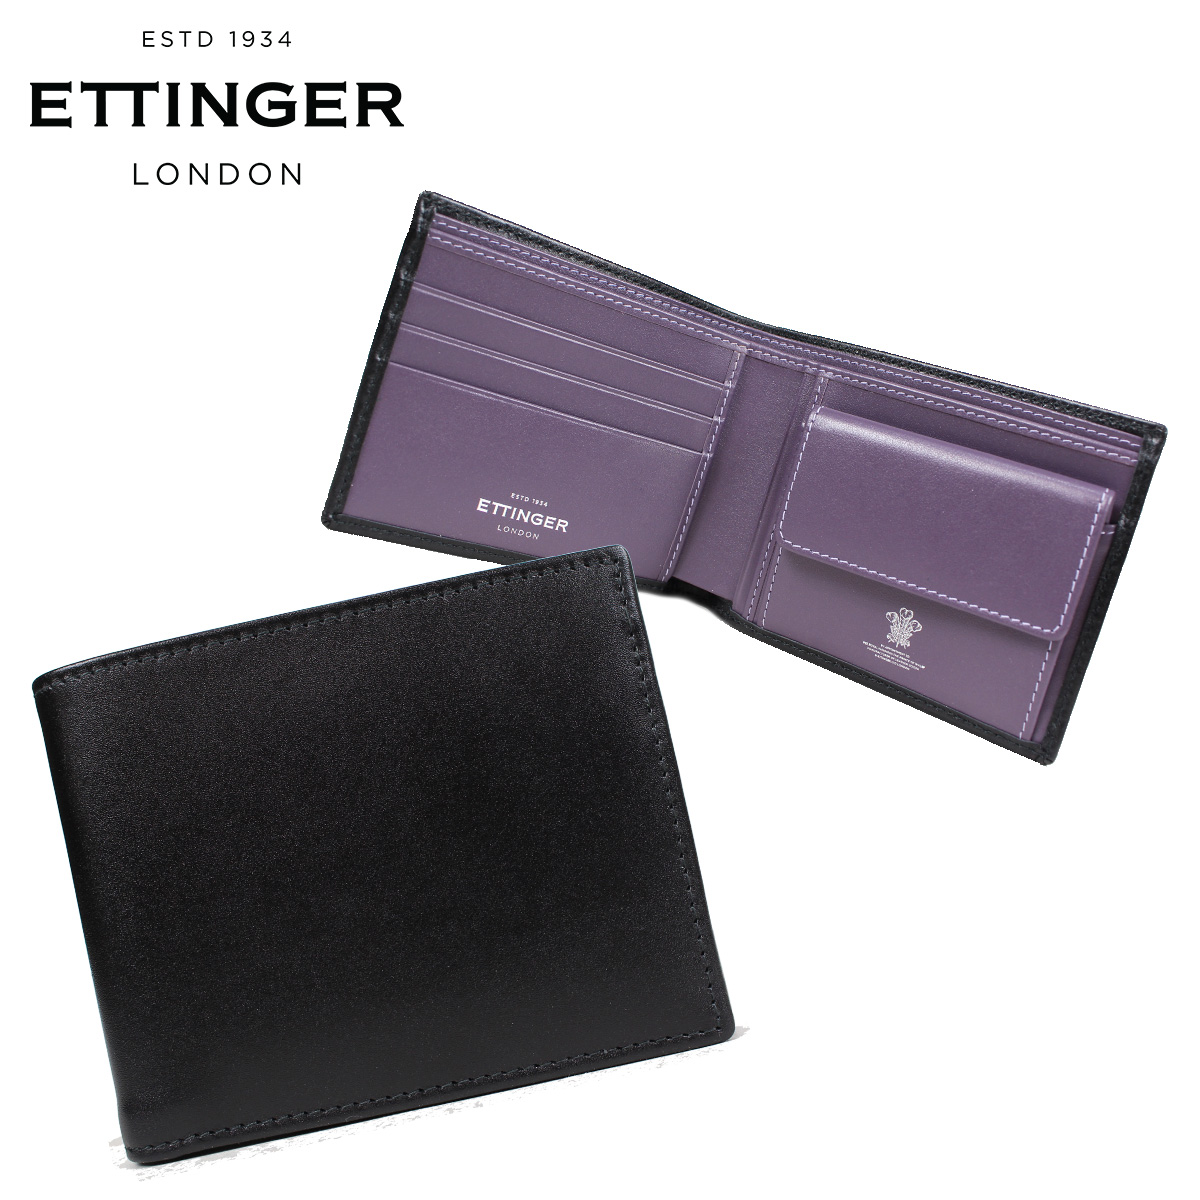 ETTINGER STERLING BILLFOLD WITH 3 C/C & PURSE エッティンガー 財布 二つ折り メンズ レザー ブラック ST141JR [3/12 再入荷]